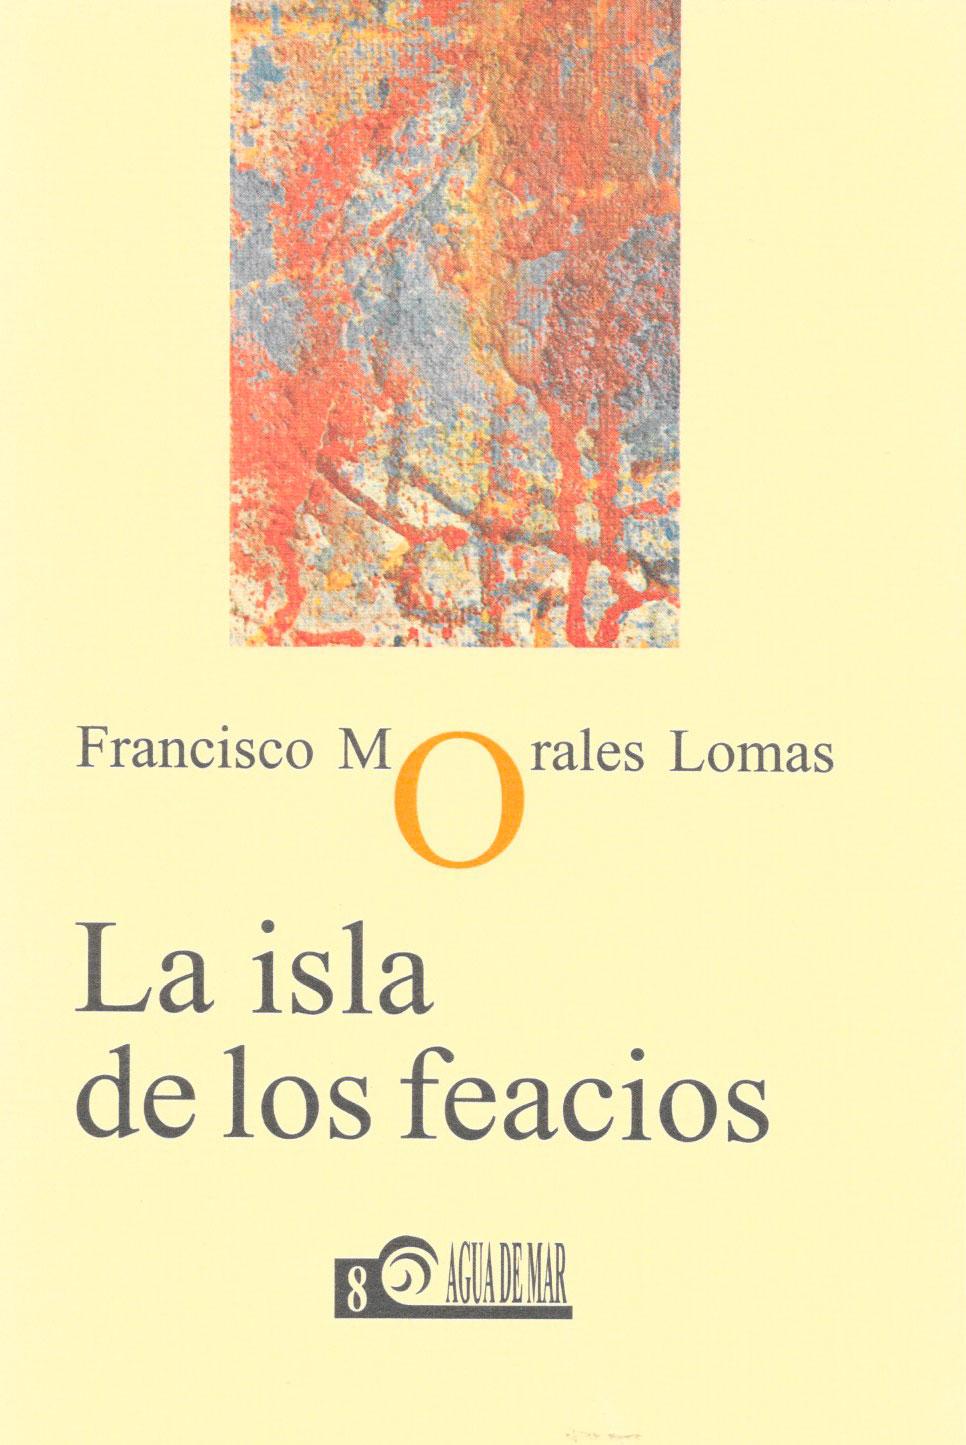 La isla de los feacios, Colección Agua de Mar, Ed. Corona del Sur, Málaga 2002.[ISBN 84-95849-32-1]